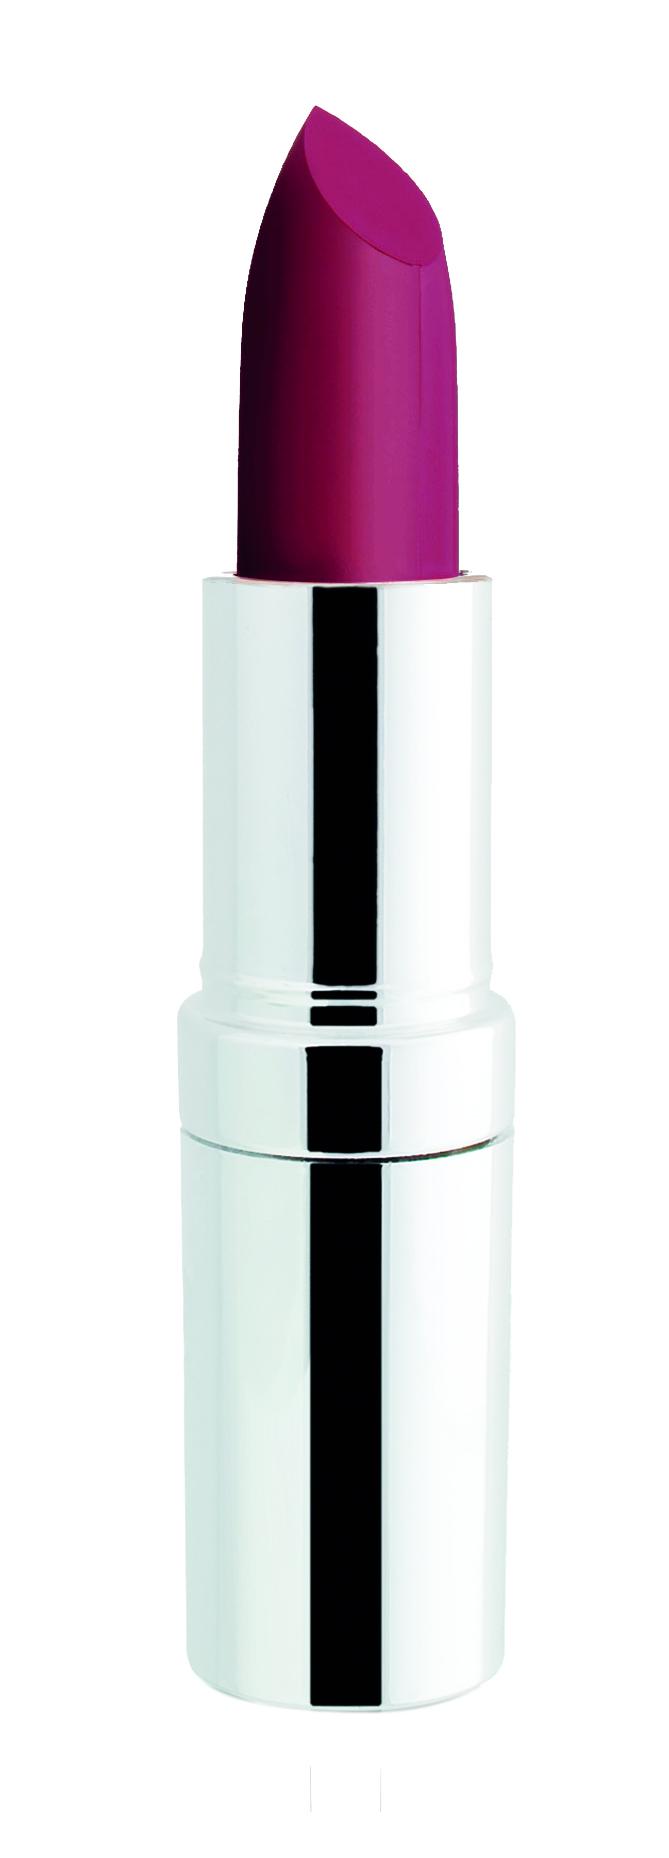 SEVENTEEN Помада губная устойчивая матовая SPF 15, 29 красное вино / Matte Lasting Lipstick 5 г